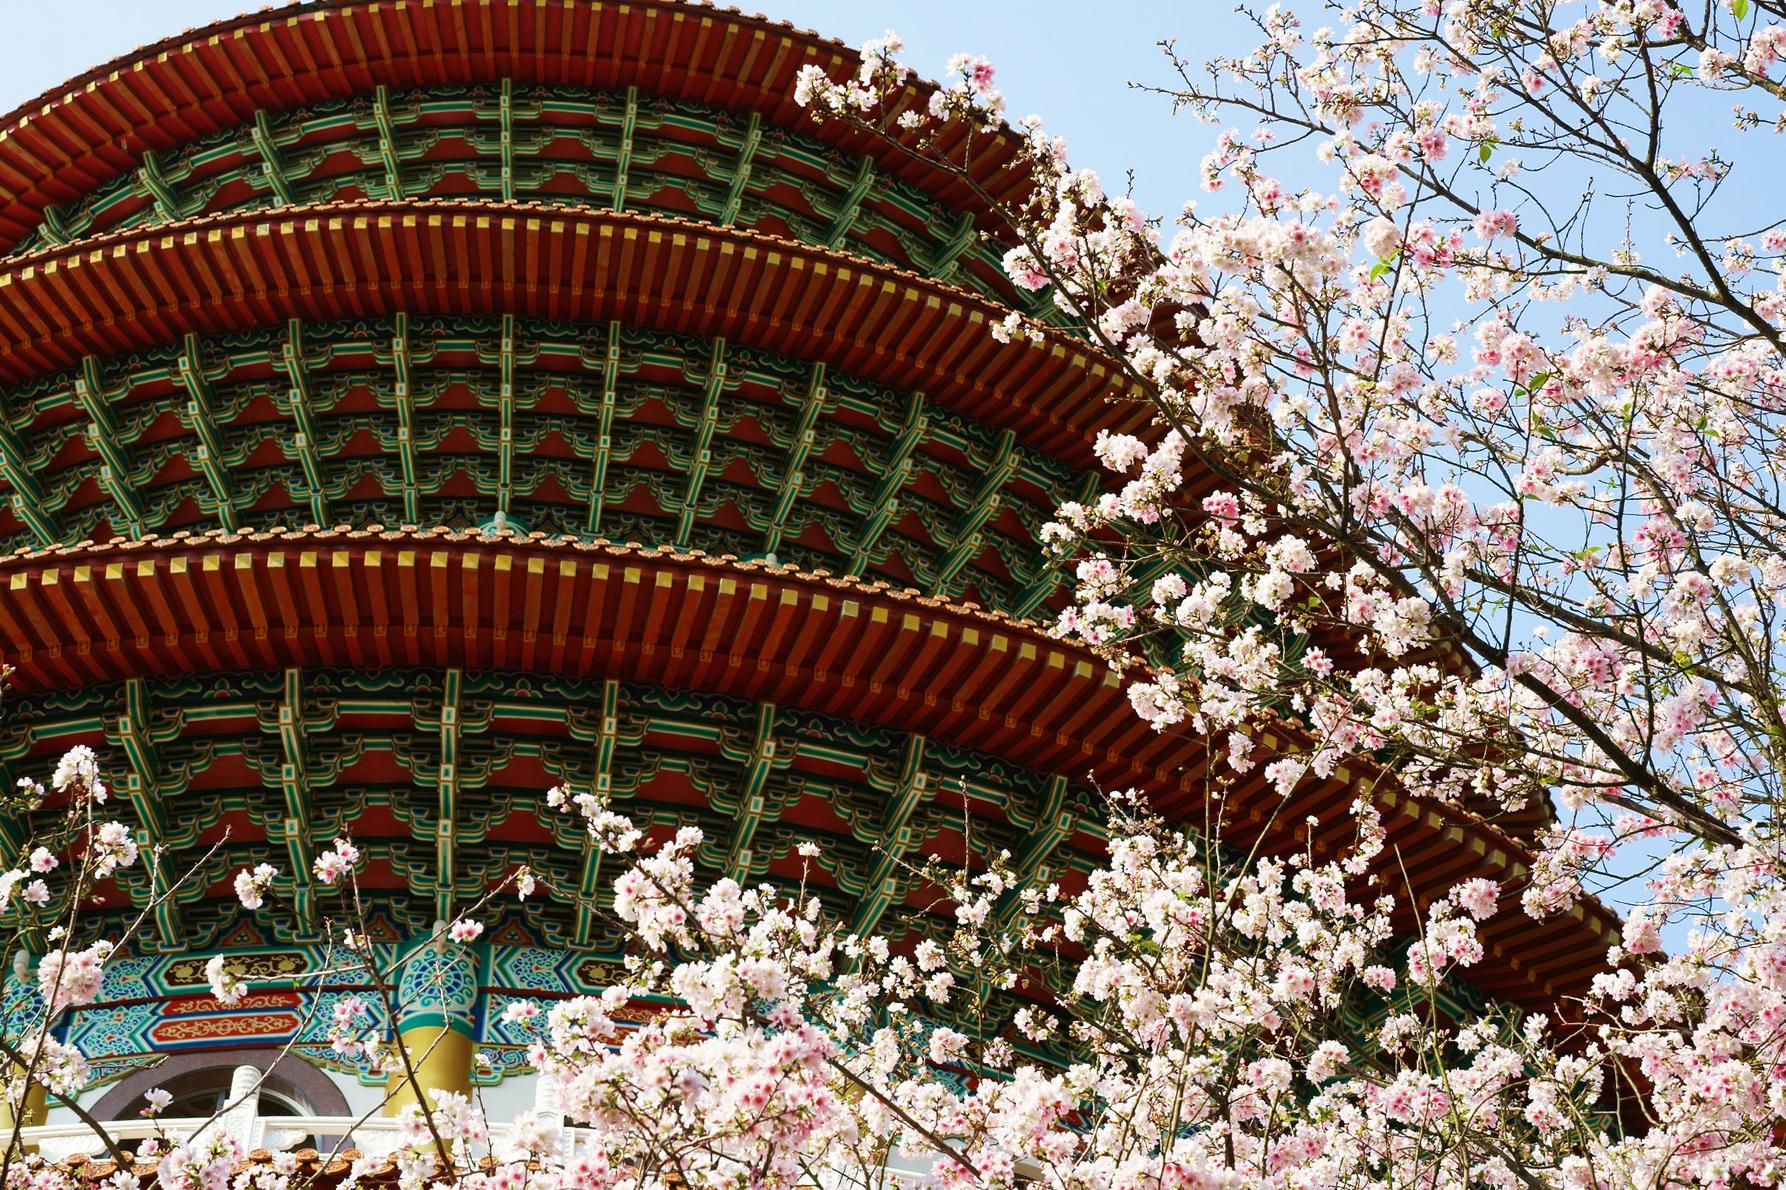 【台北微旅行】今年的櫻花晚了點,但感覺多了點|北部最強賞櫻勝地🌸無極天元宮萬櫻齊放